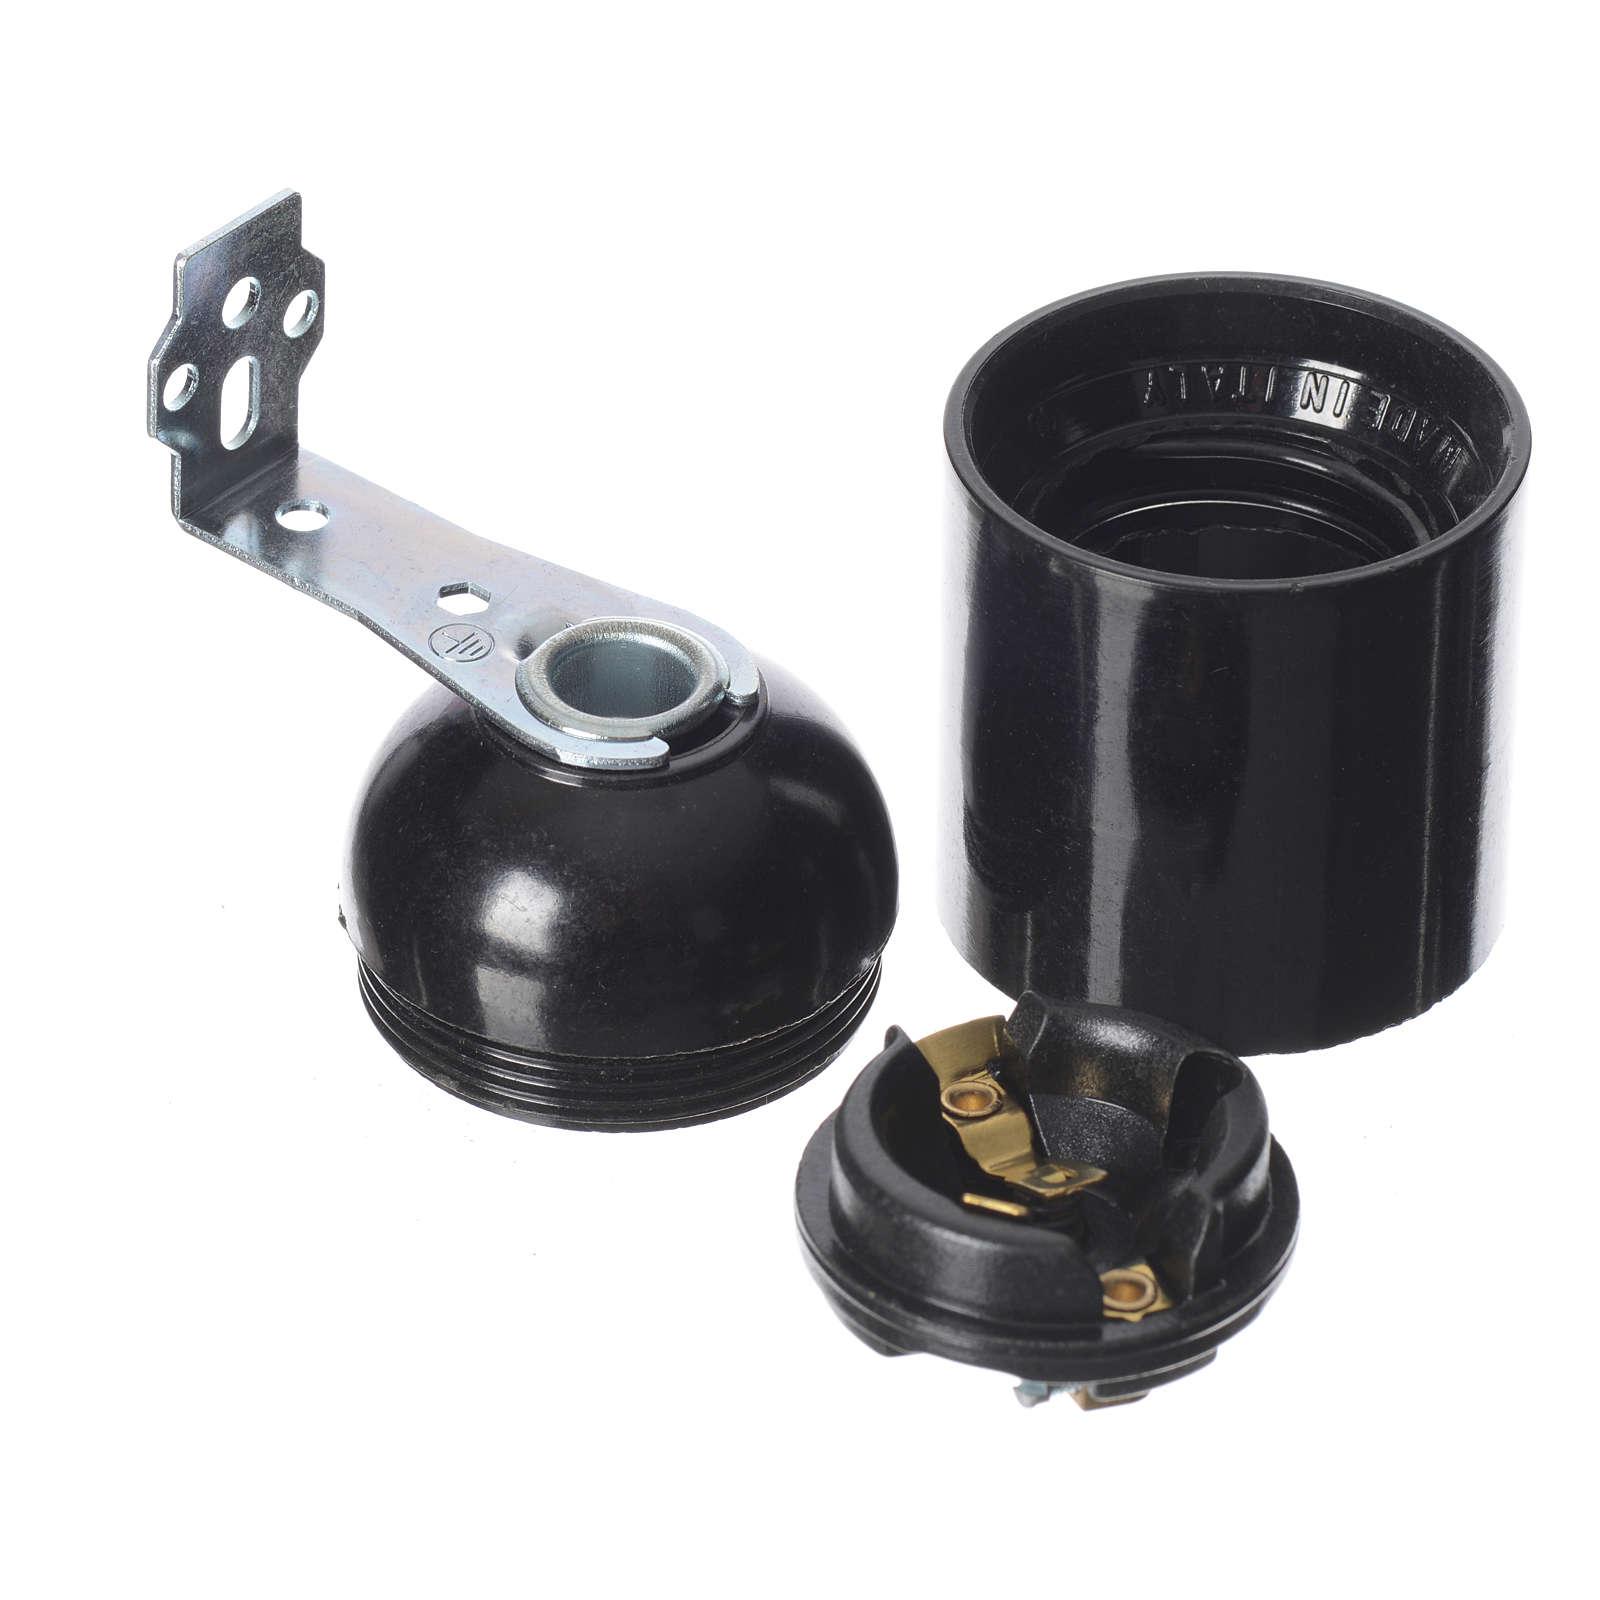 Porte ampoule E27 et support de fixage pour crèche 4